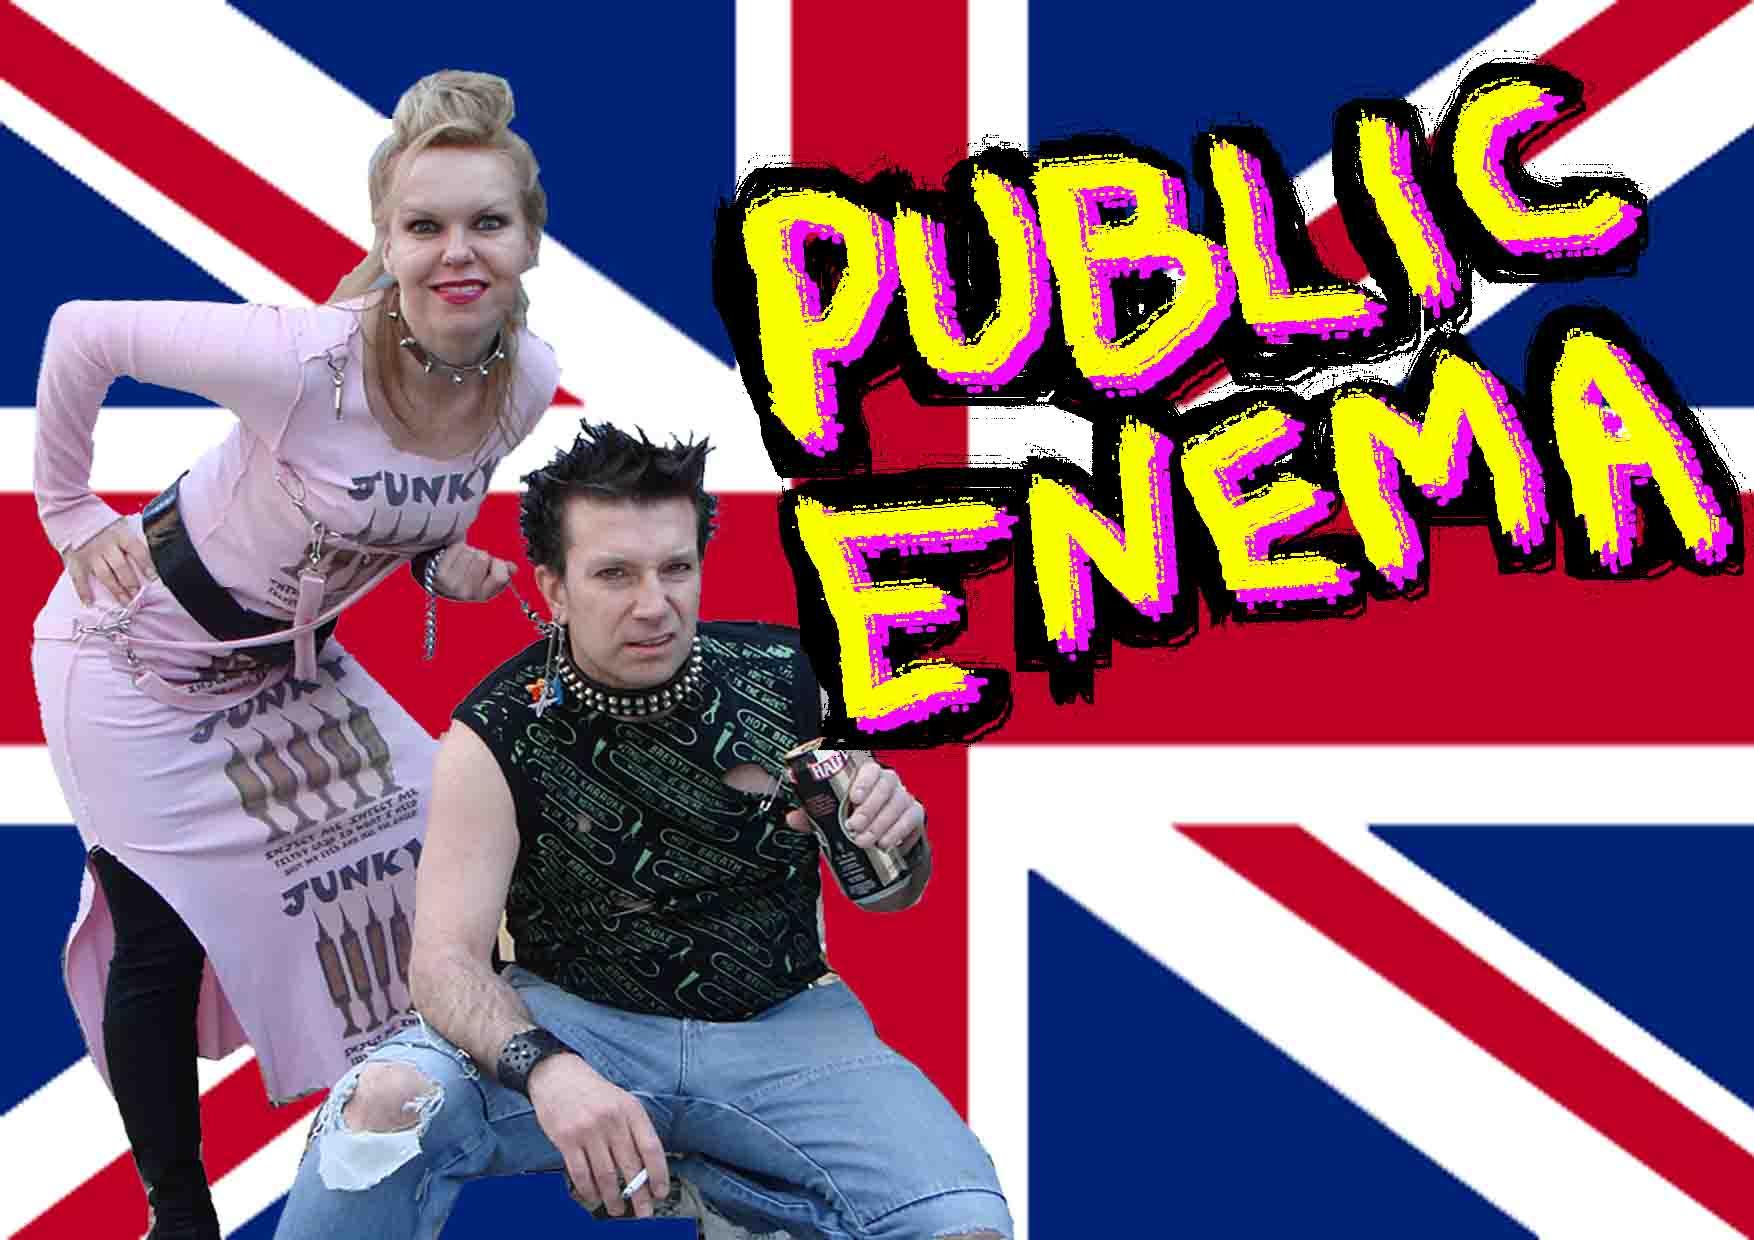 public enema